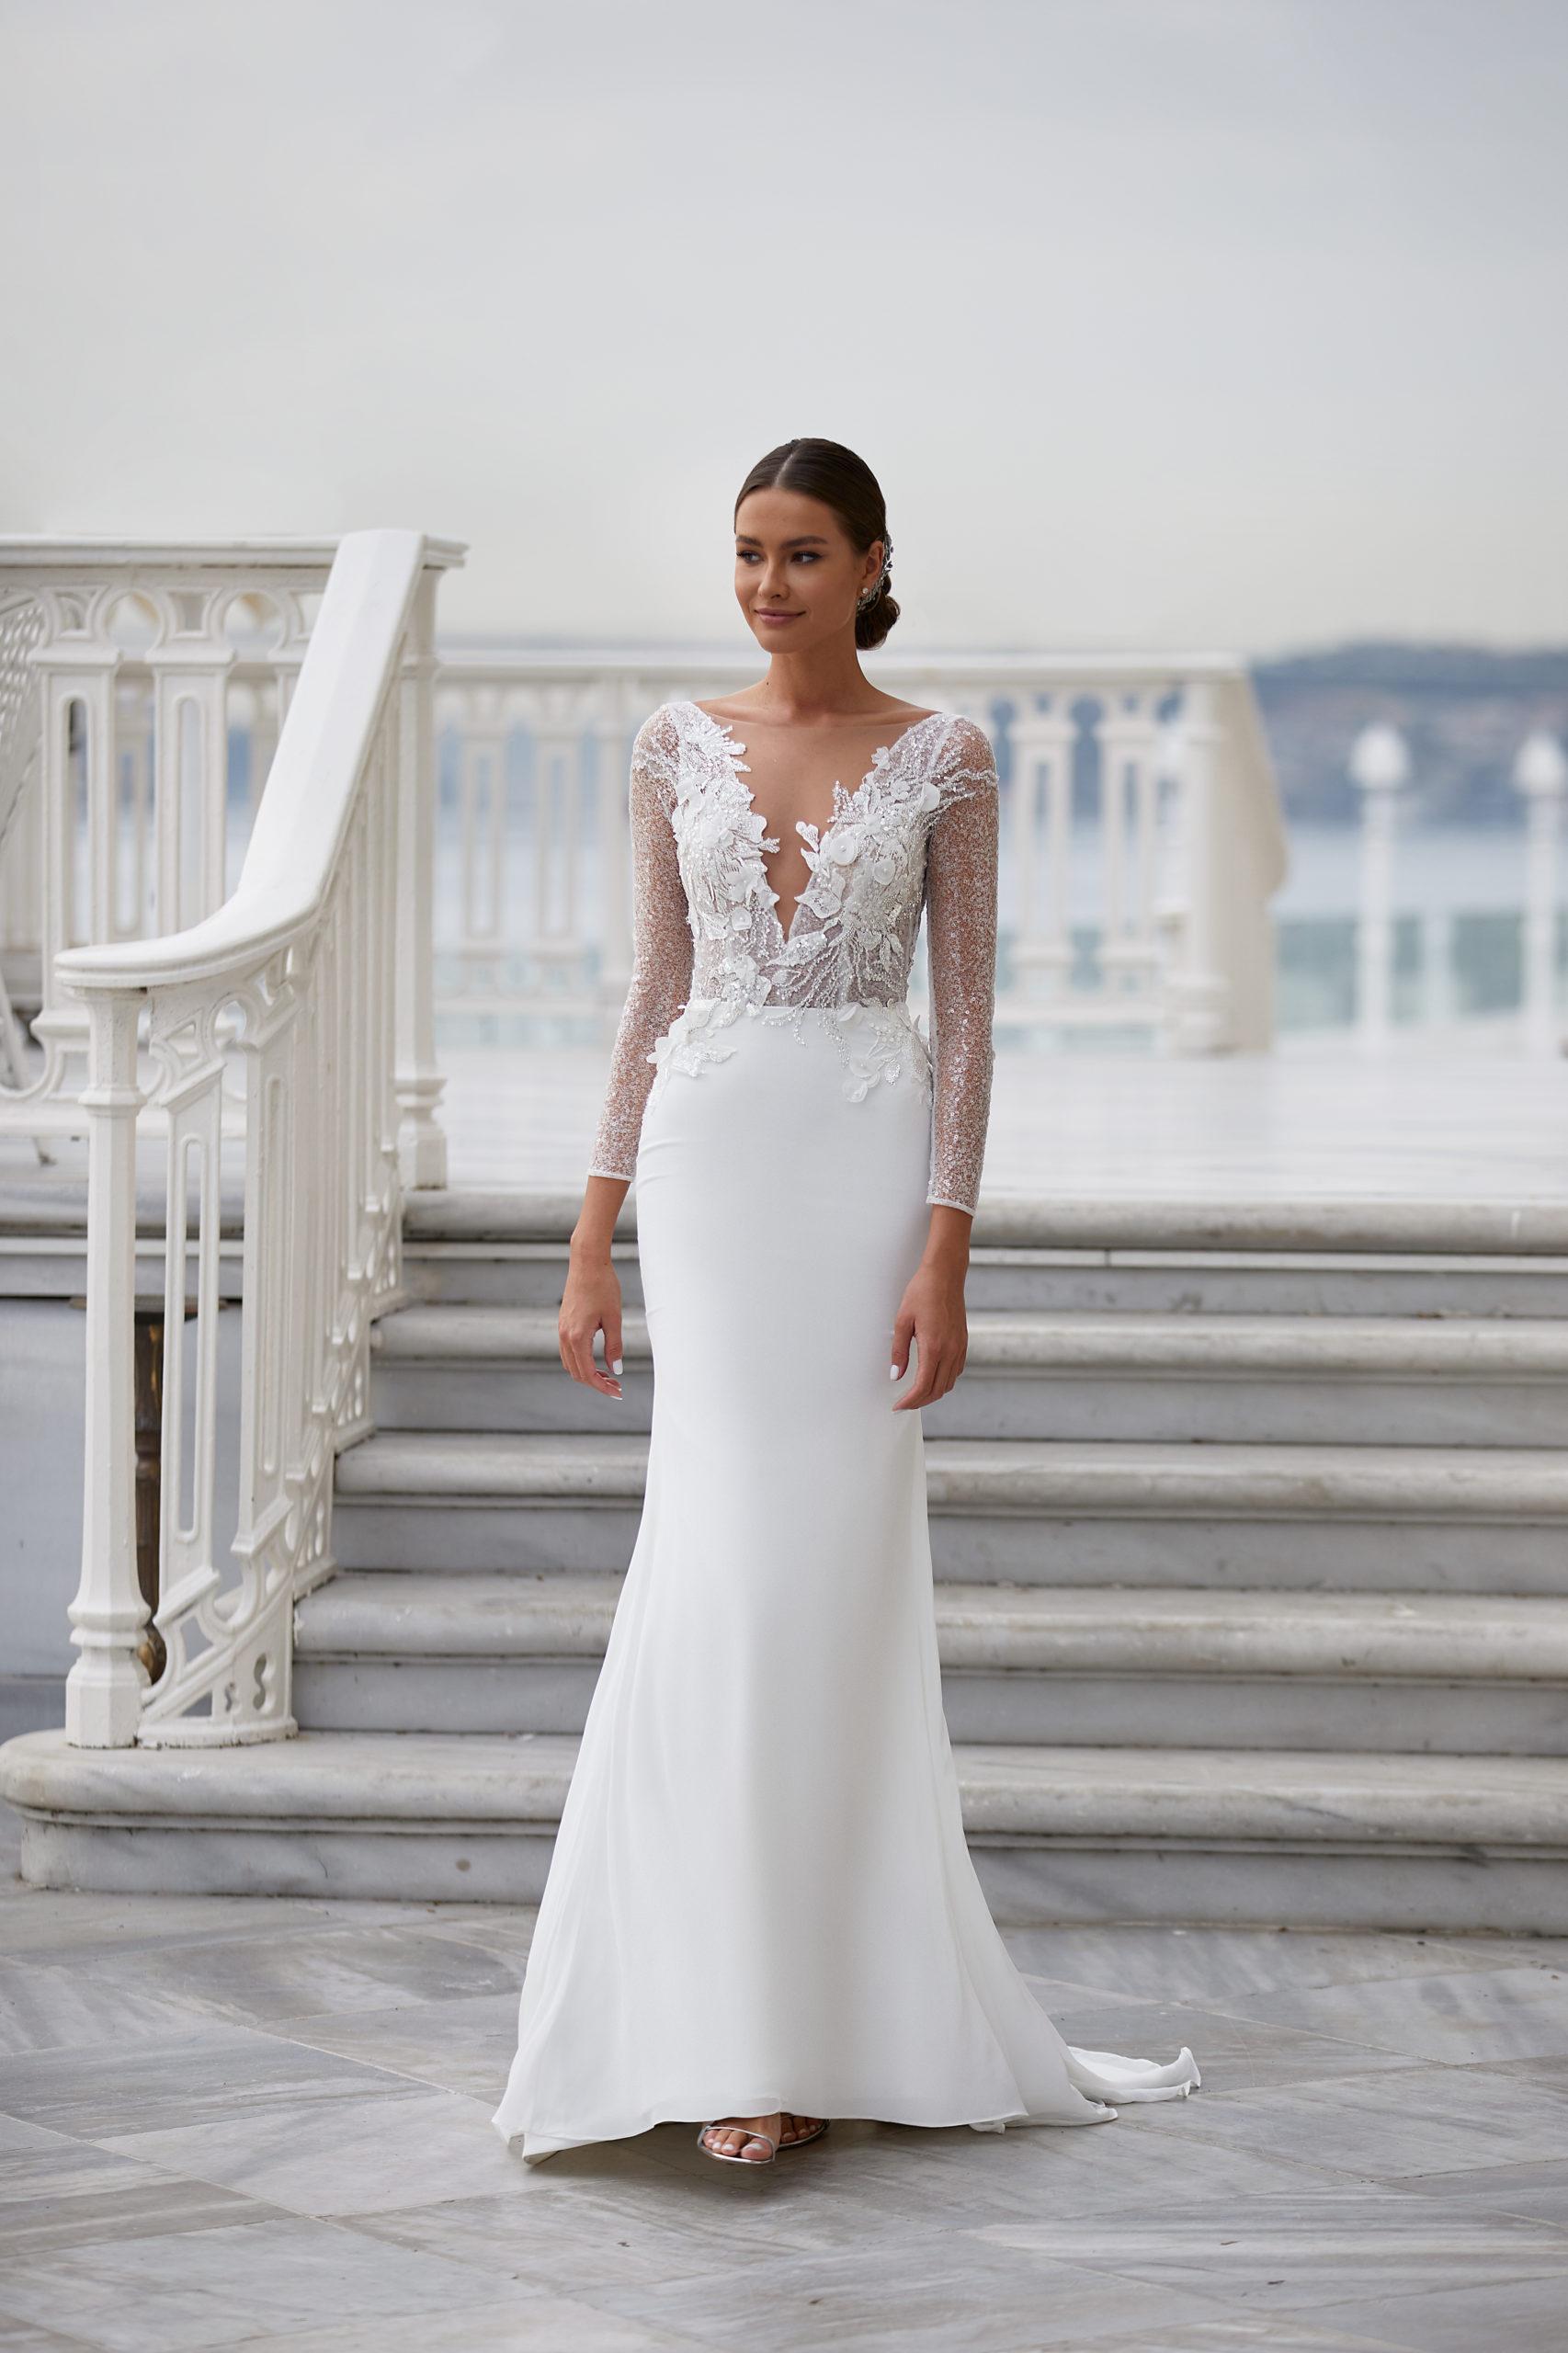 Sublimes robes de mariée à Genève blanc long simple classique chic manches longues broderie fleurs dos nu décolleté genève petit budget pas cher